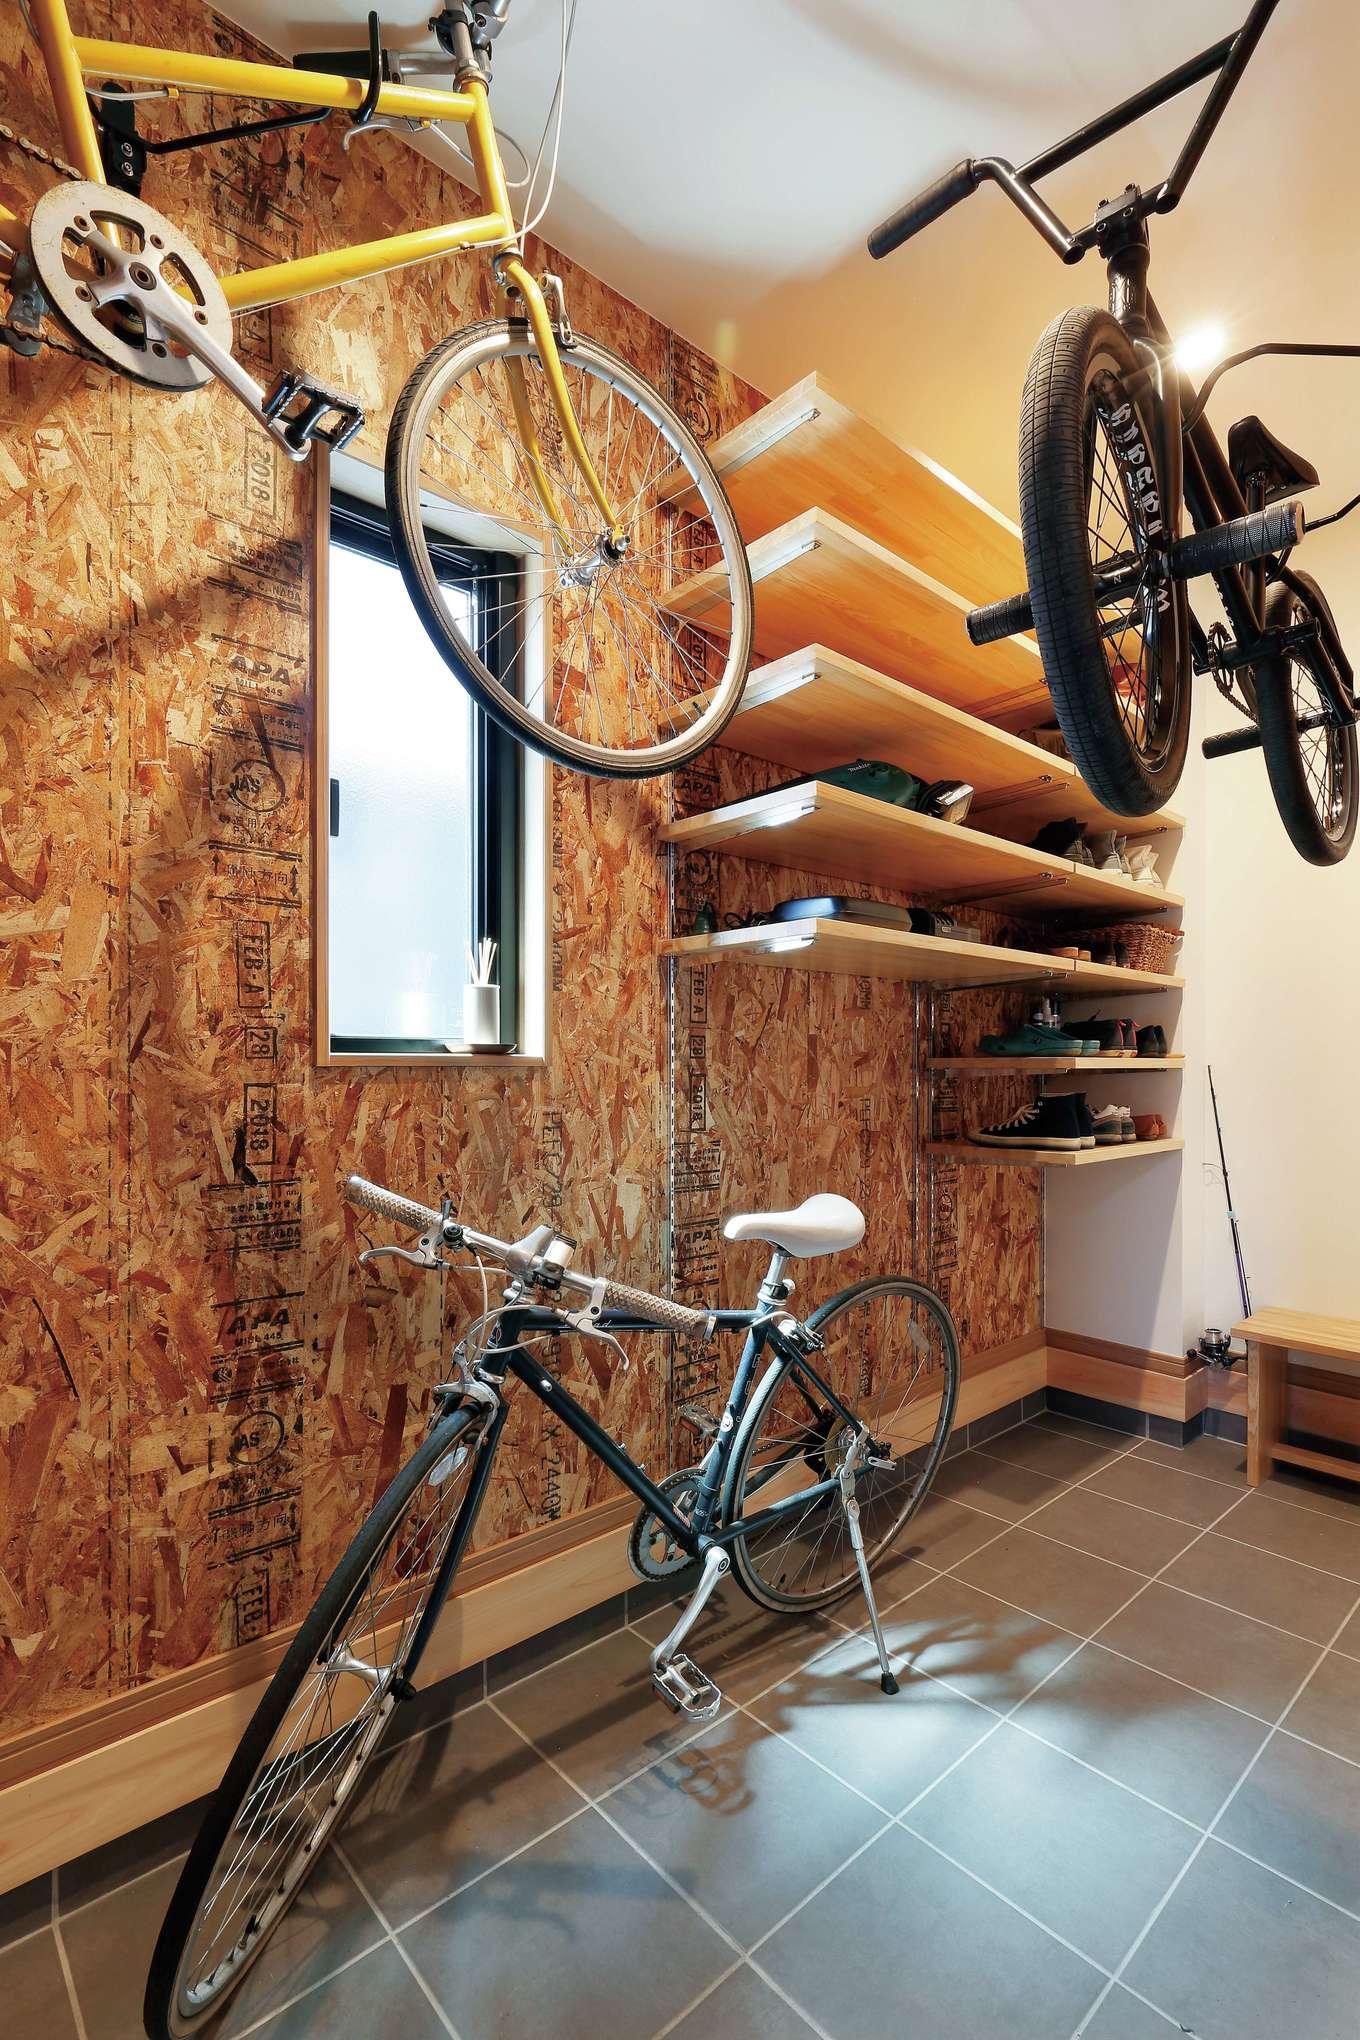 フジモクの家(富士木材)【デザイン住宅、収納力、自然素材】土間仕上げの玄関ホール。ご主人のBMXと奥さまの自転車を保管できる広さの収納を確保。OSB合板でワイルドにしつらえた